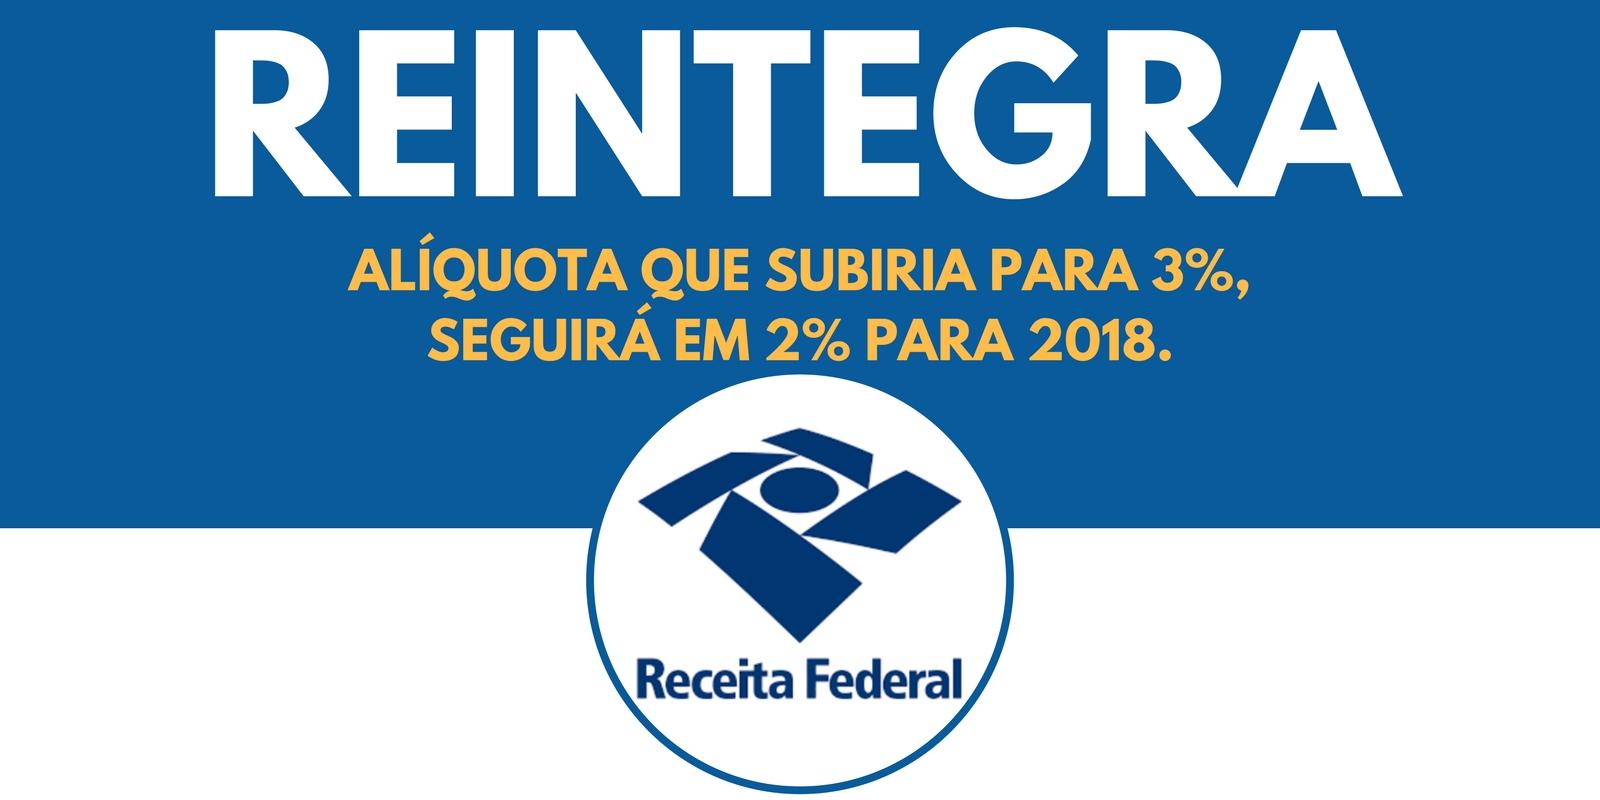 REINTEGRA será 2% em 2018.